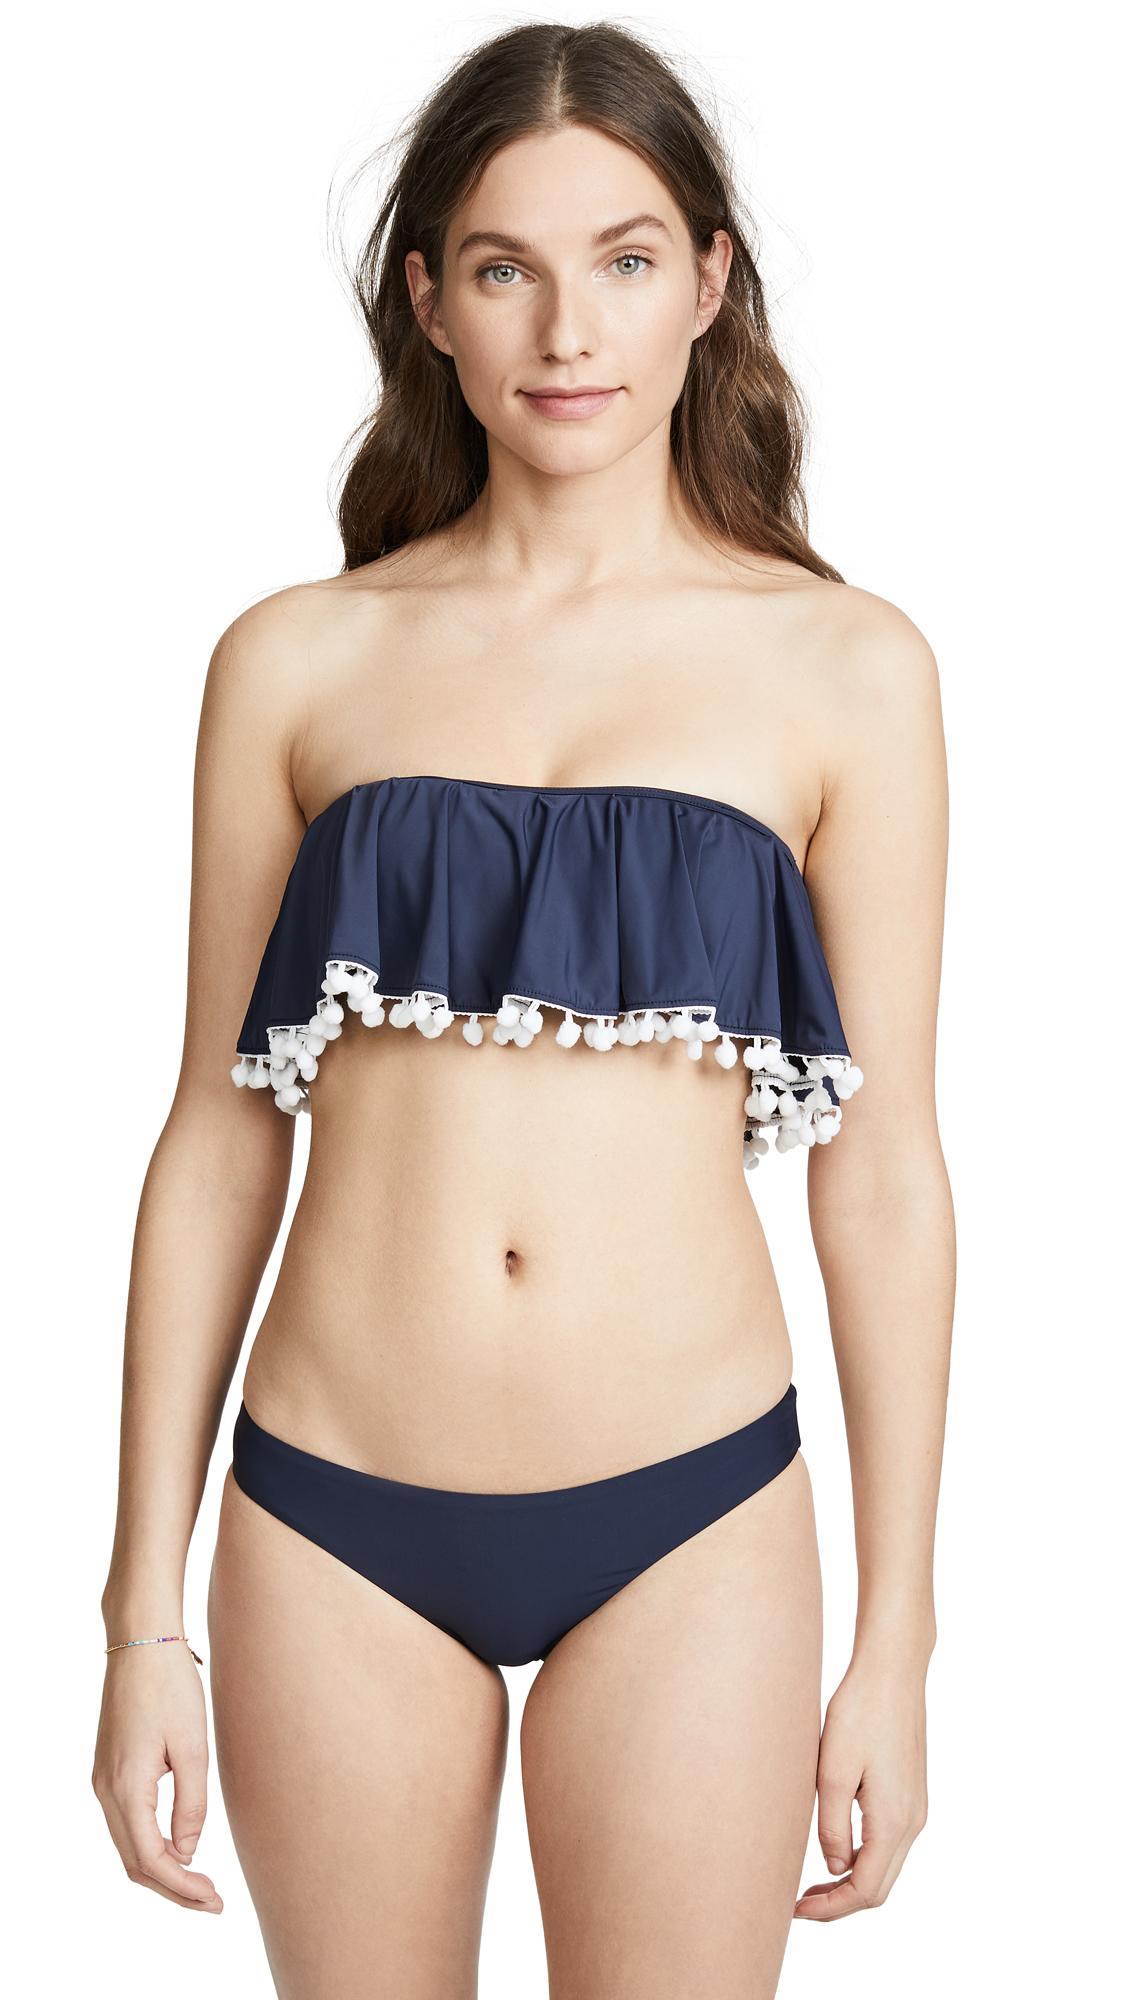 PilyQ Bikini Top with White Pom Poms